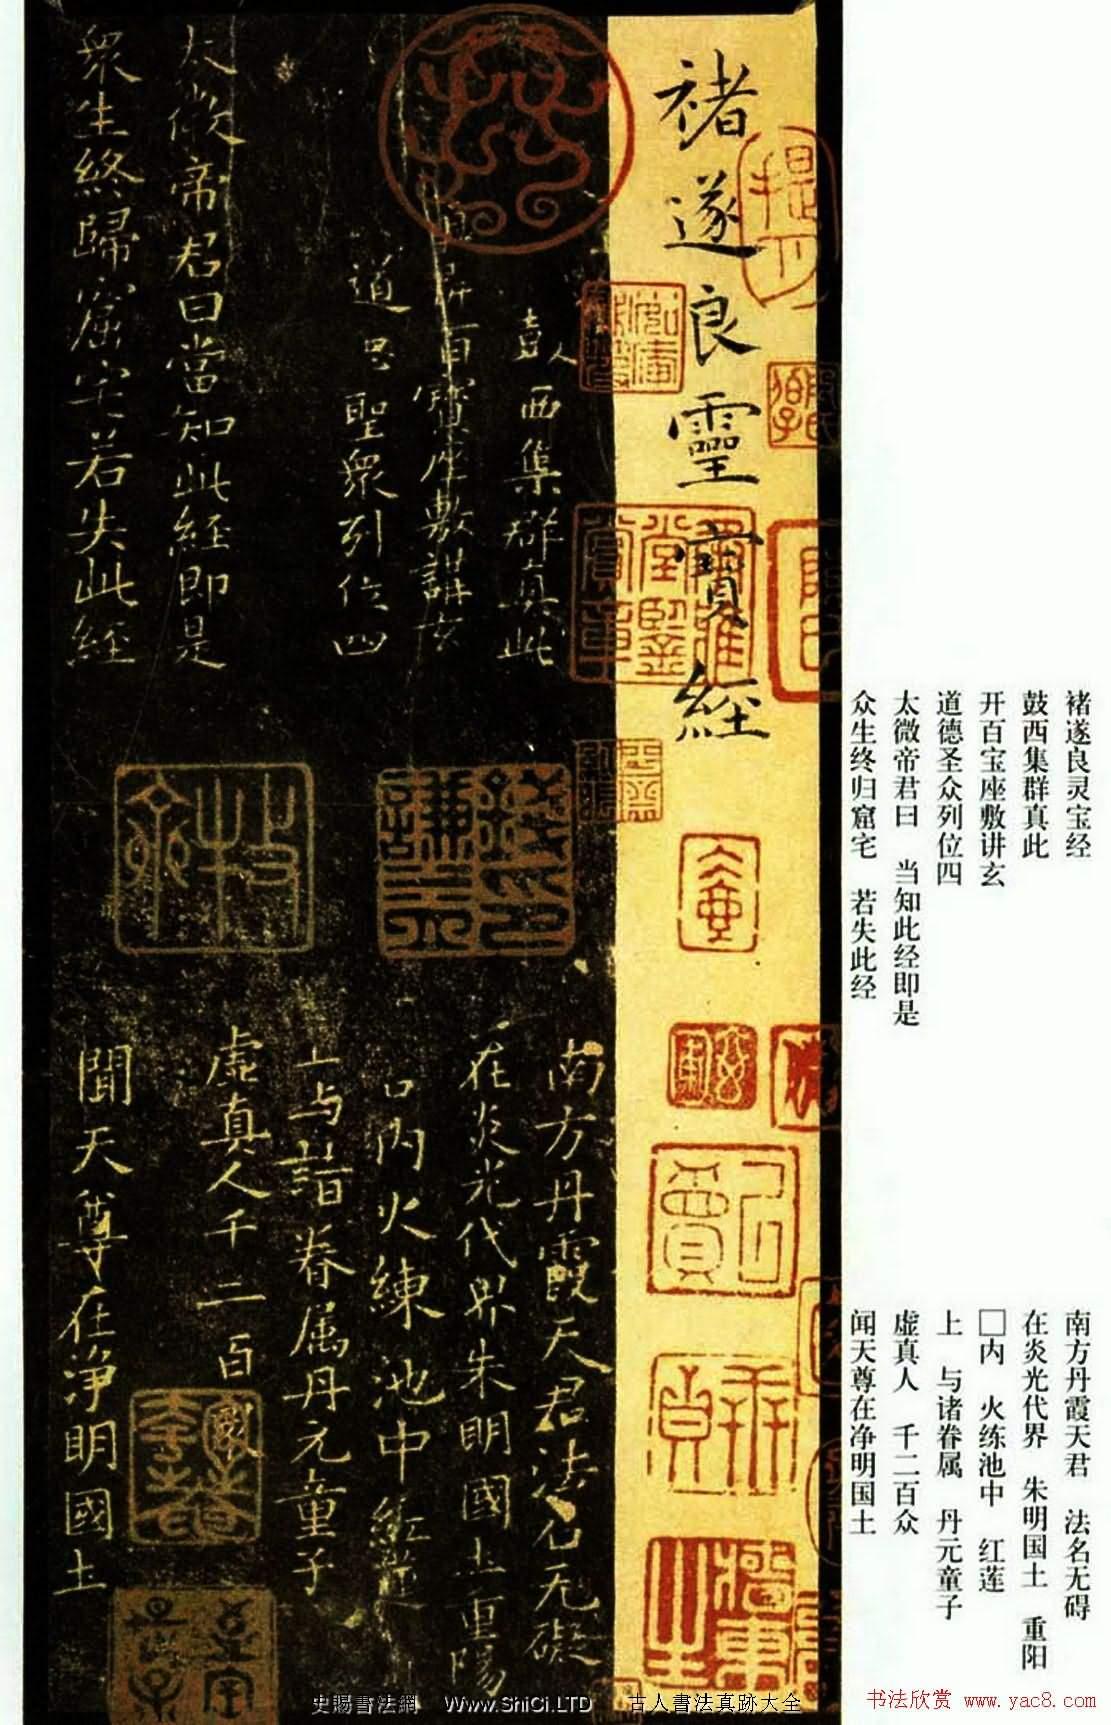 唐代褚遂良楷書真跡欣賞《靈寶經》(共6張圖片)